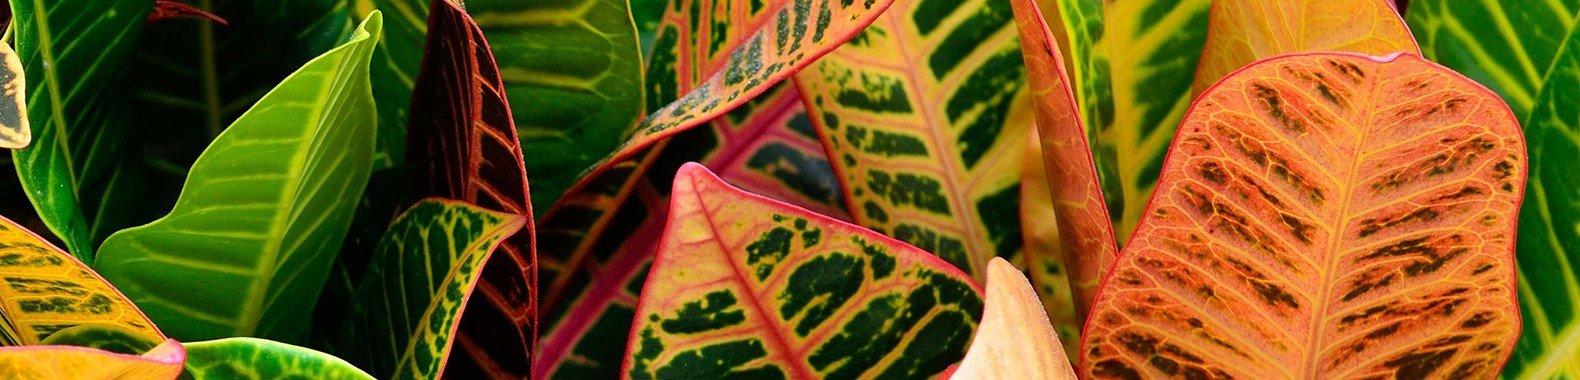 planta para ter em casa croton